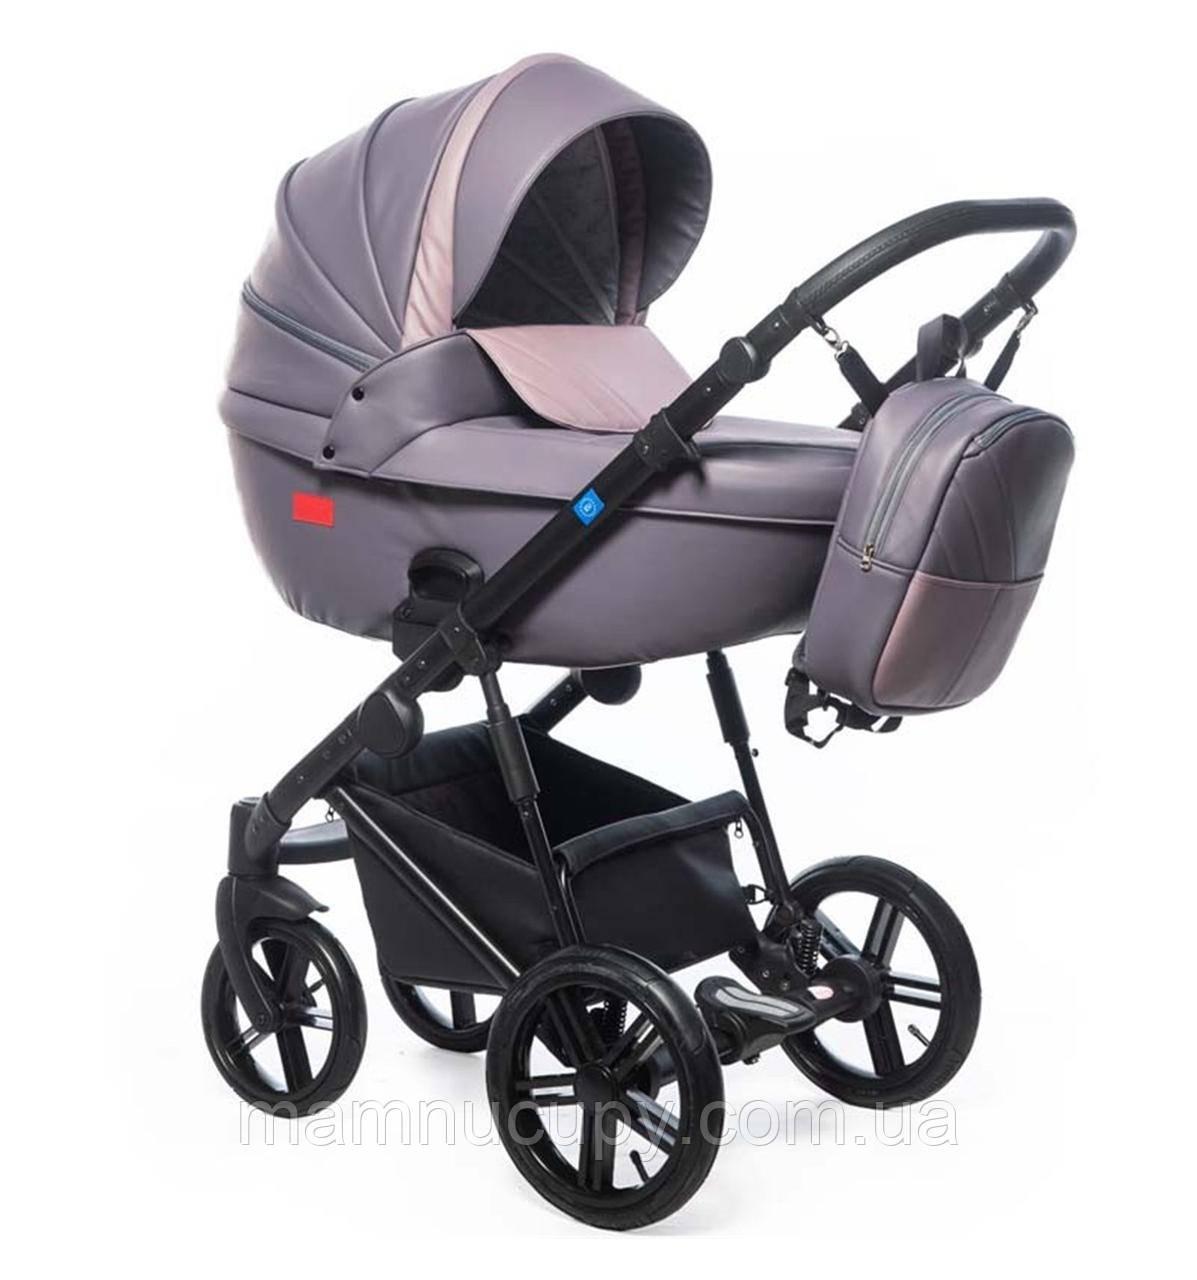 Детская универсальная коляска 3 в 1 Broco Avenue 02 Violet (Броко Авеню)